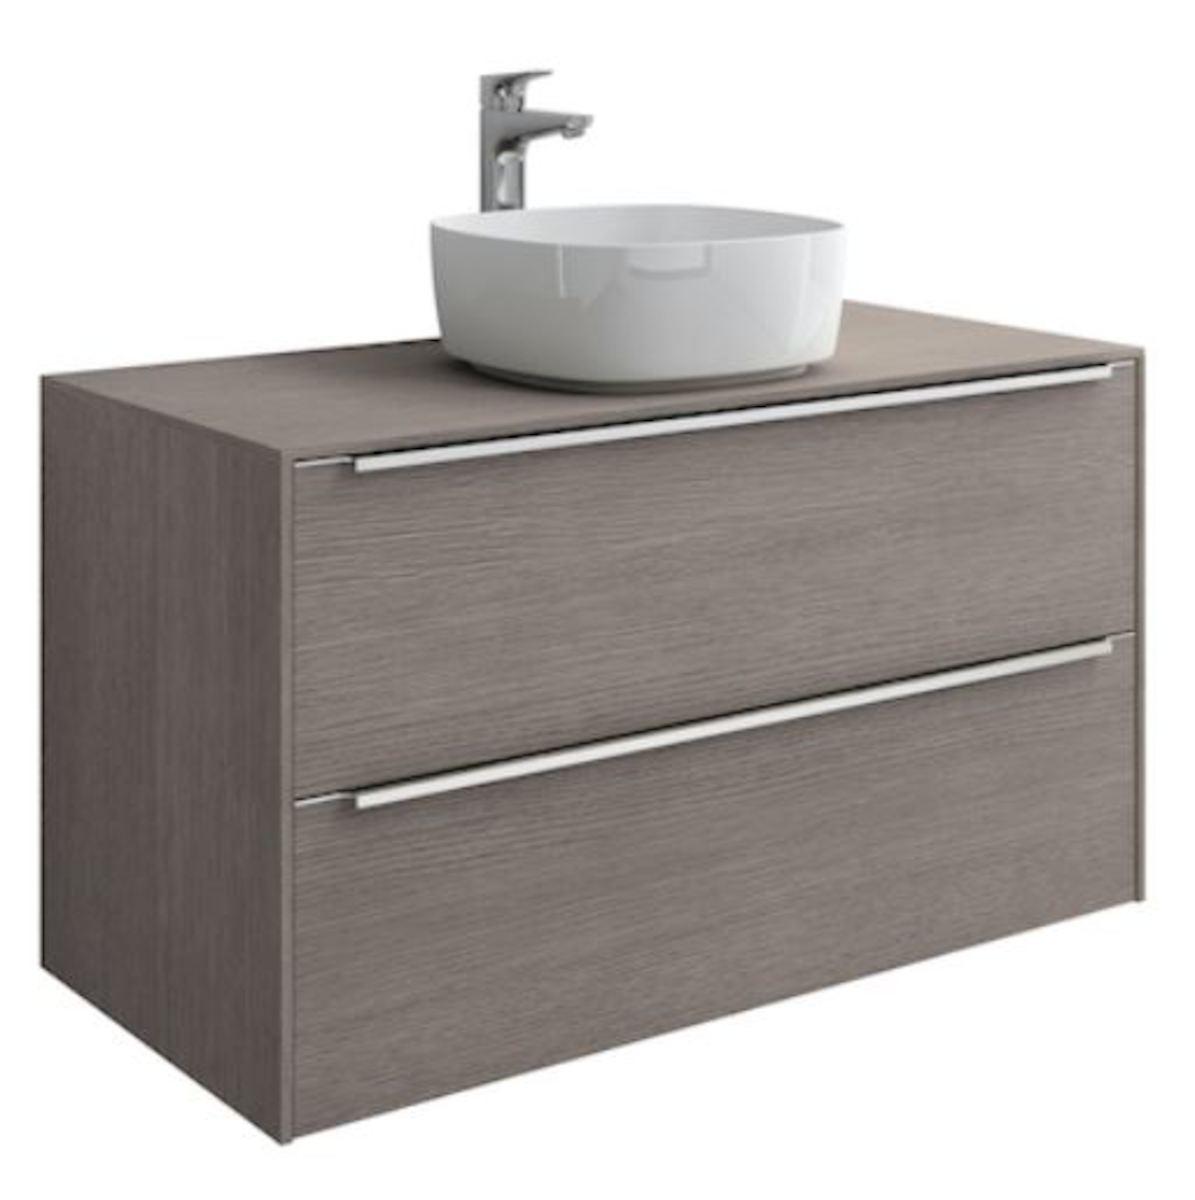 Kúpeľňová skrinka pod umývadlo Roca Inspira 100x49,8x54 cm dub A851081402